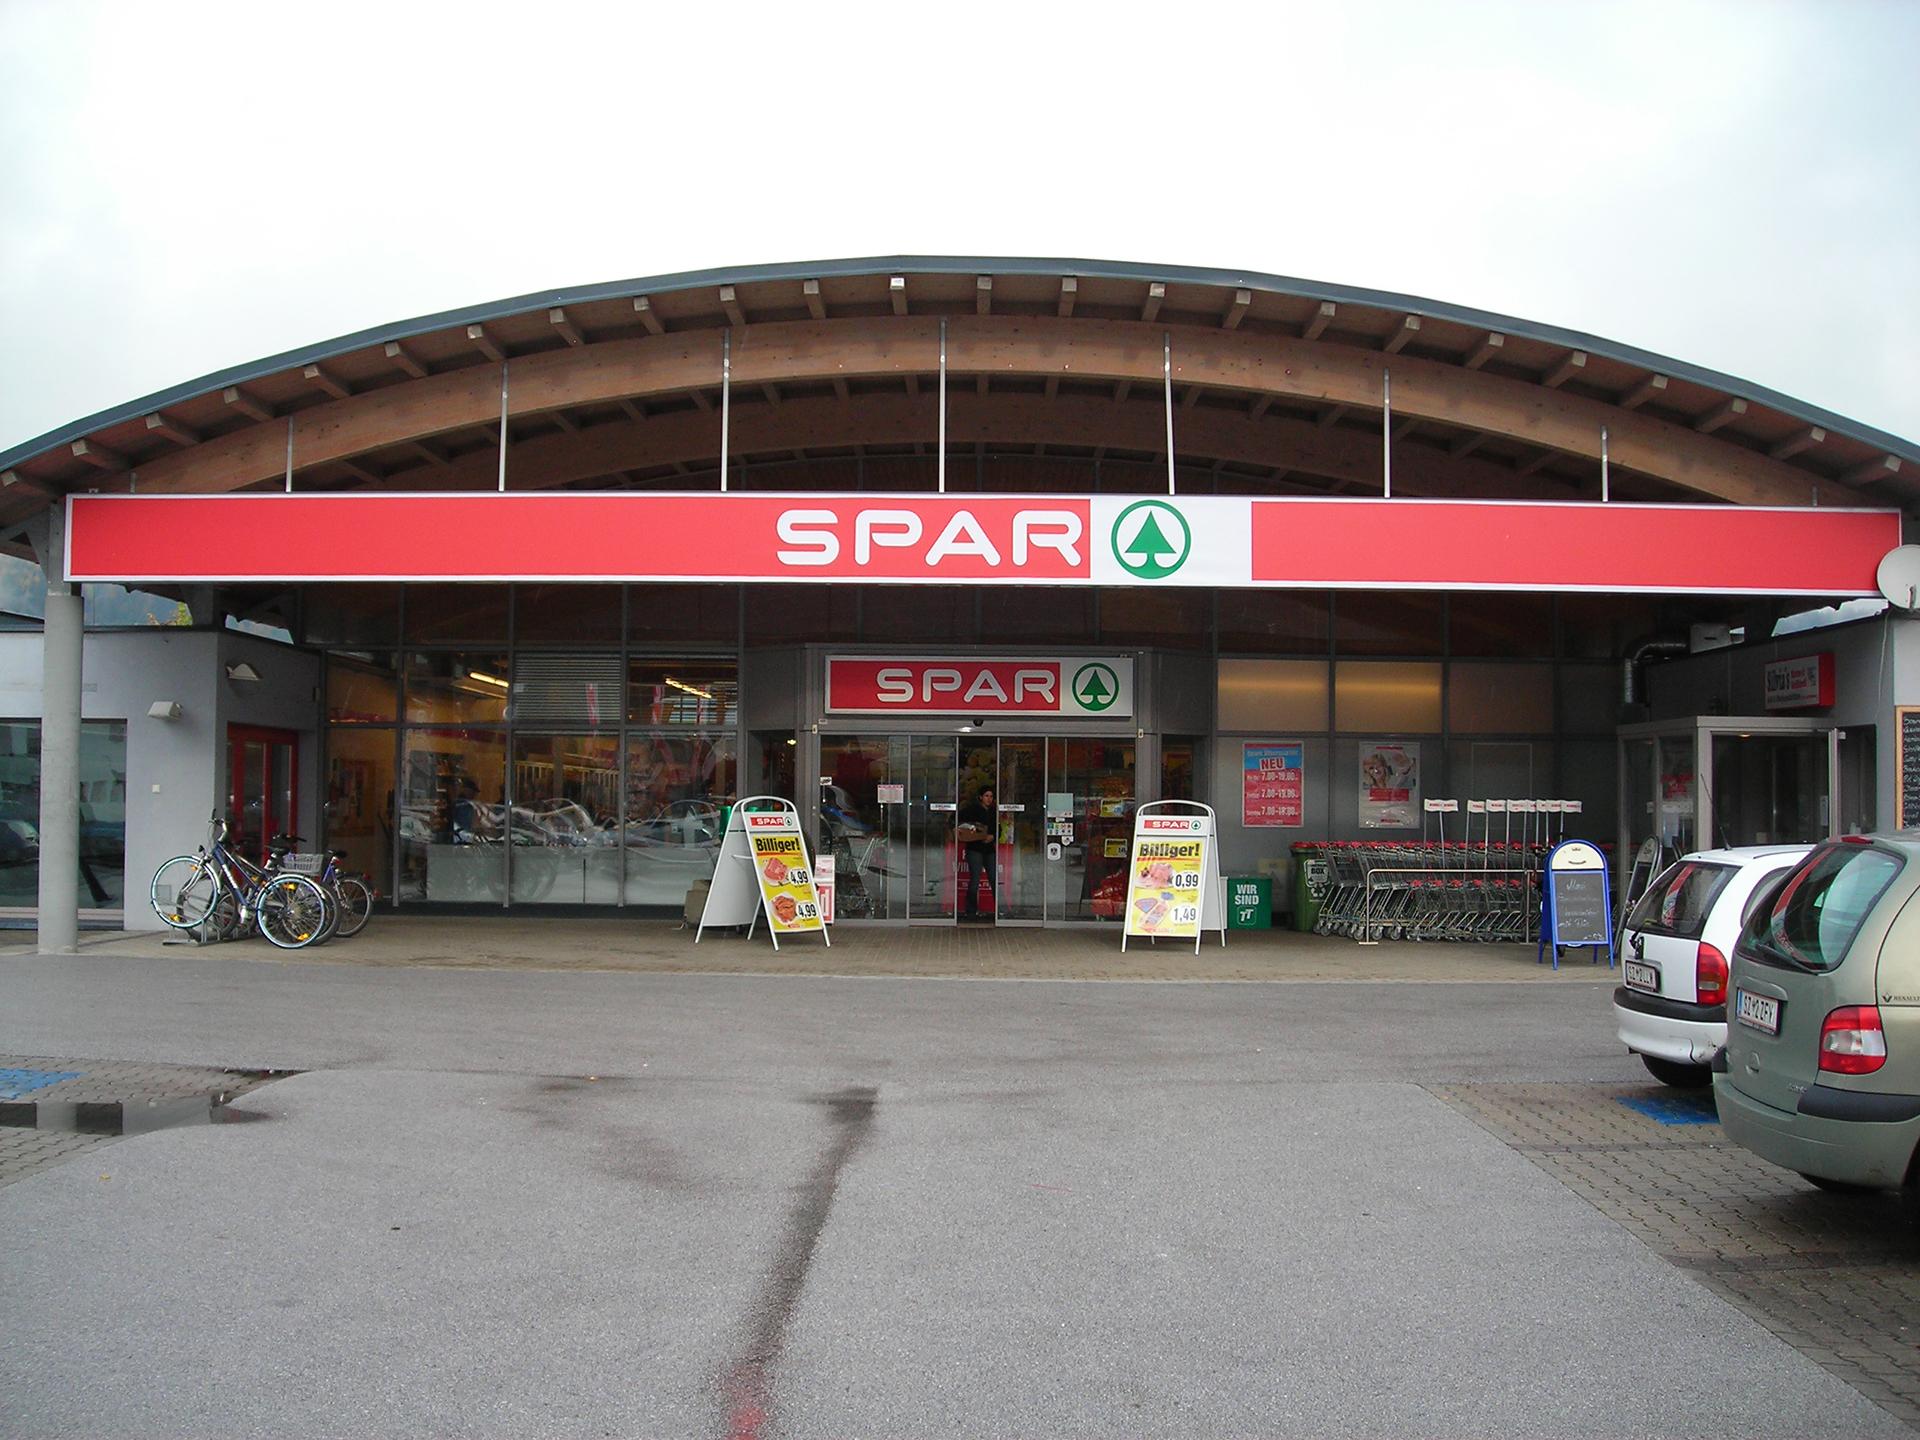 Partnersuche Meine Stadt Aschbach-Markt Bad Bleiberg